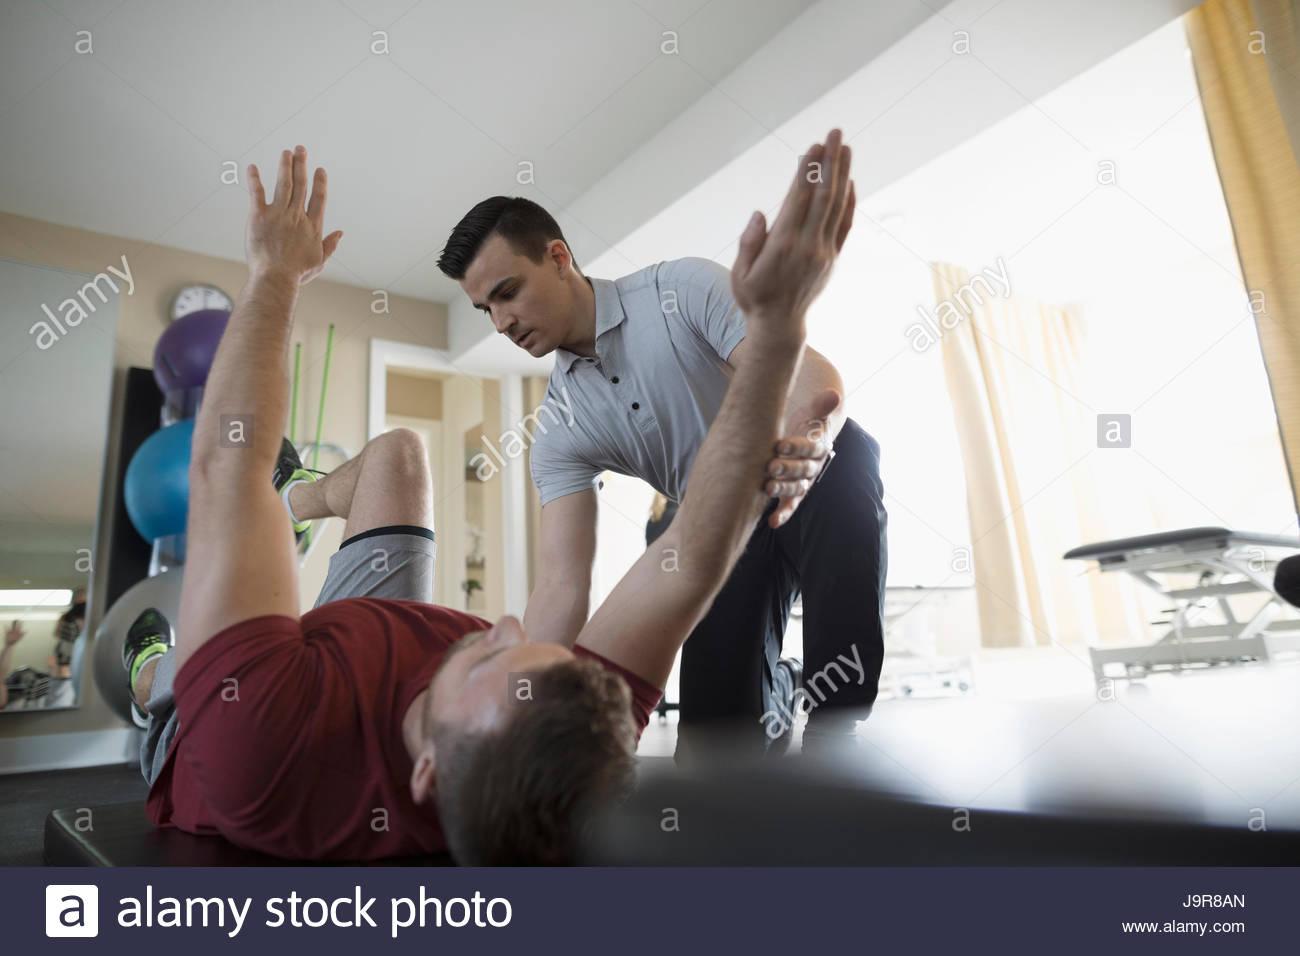 Fisioterapista maschio client di stiramento in clinica palestra Immagini Stock